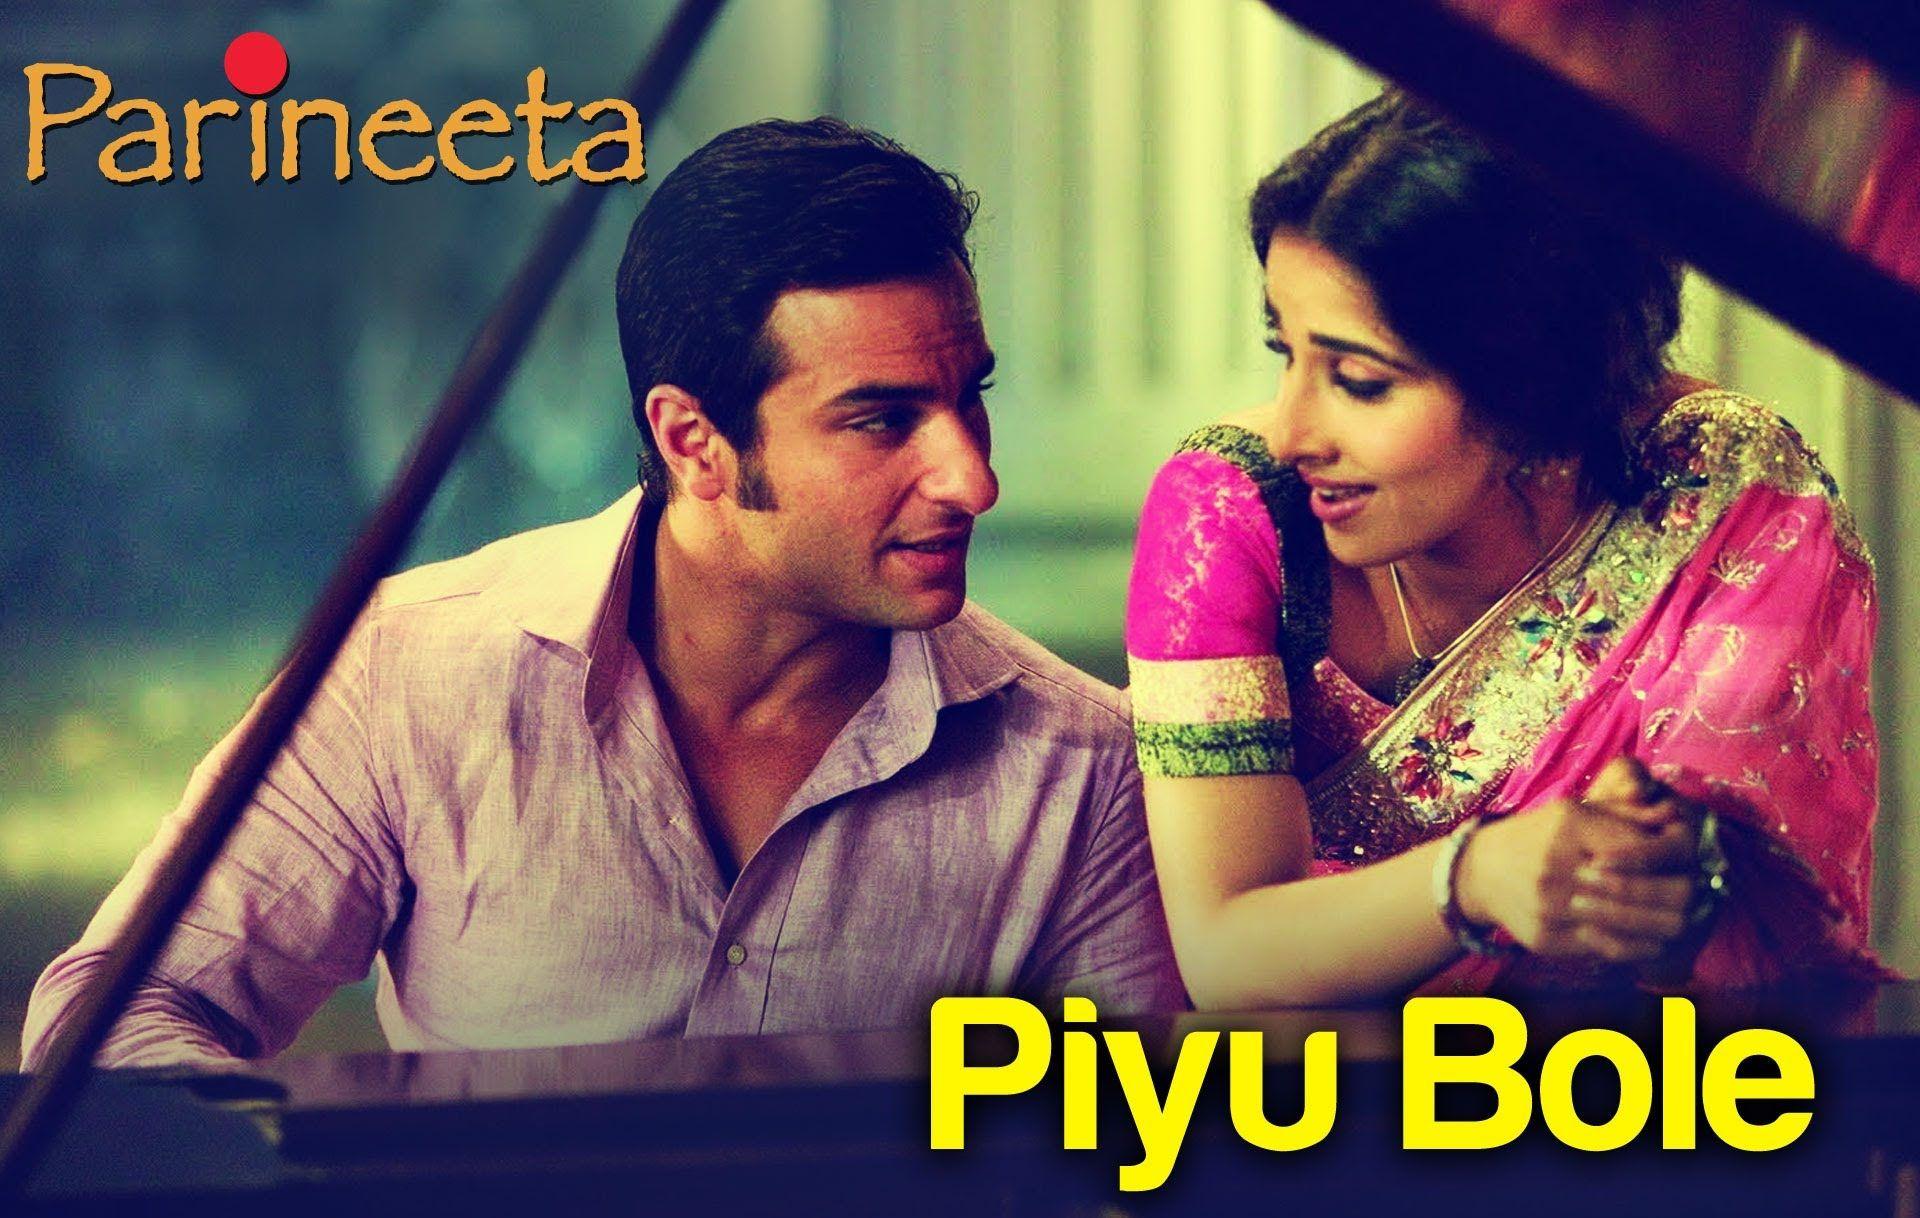 Songs from movie parineeta